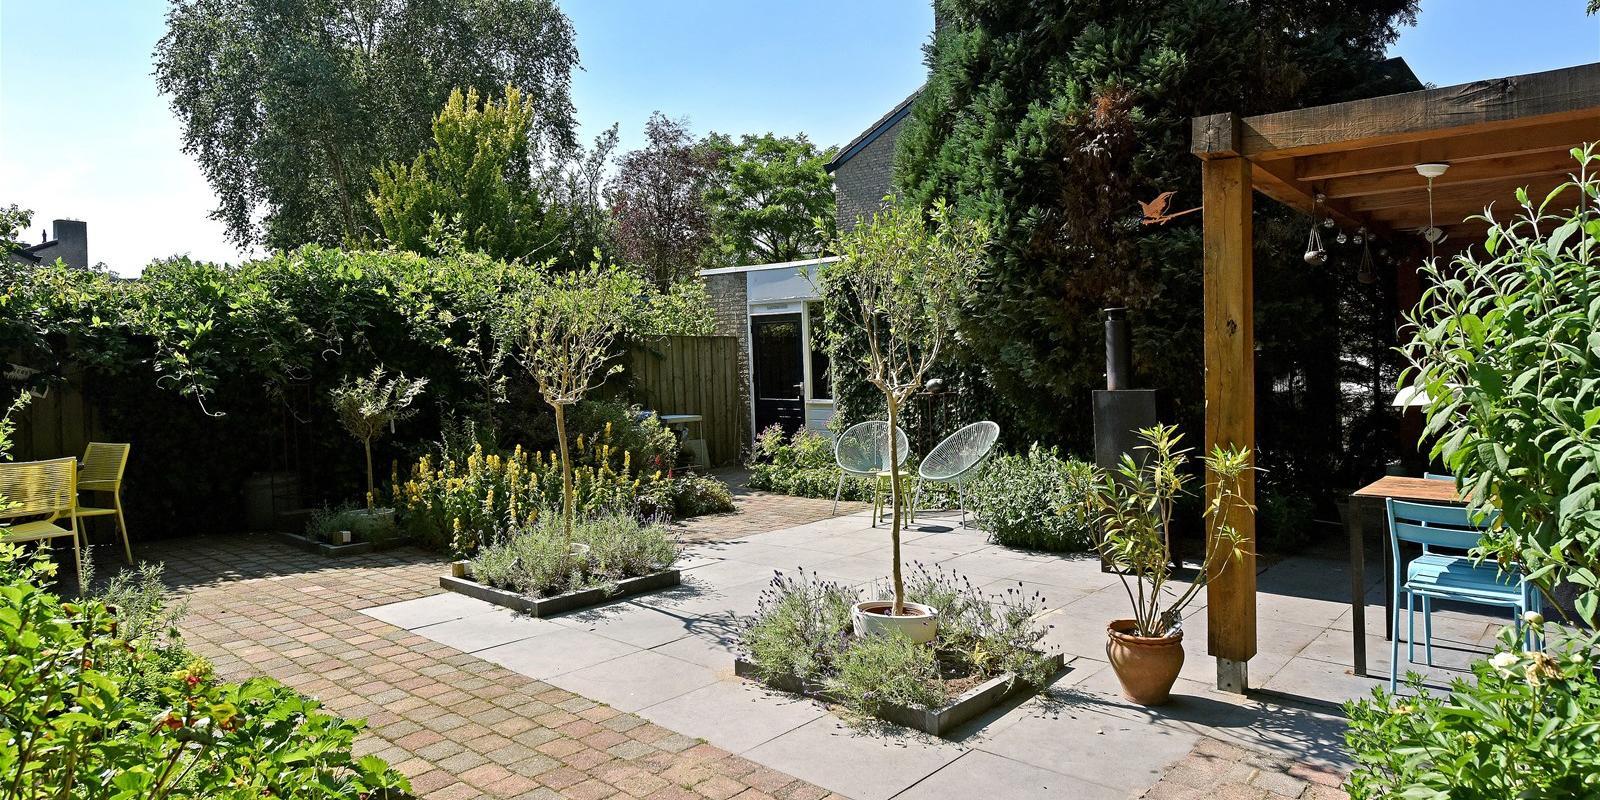 Kleine tuin groter laten lijken